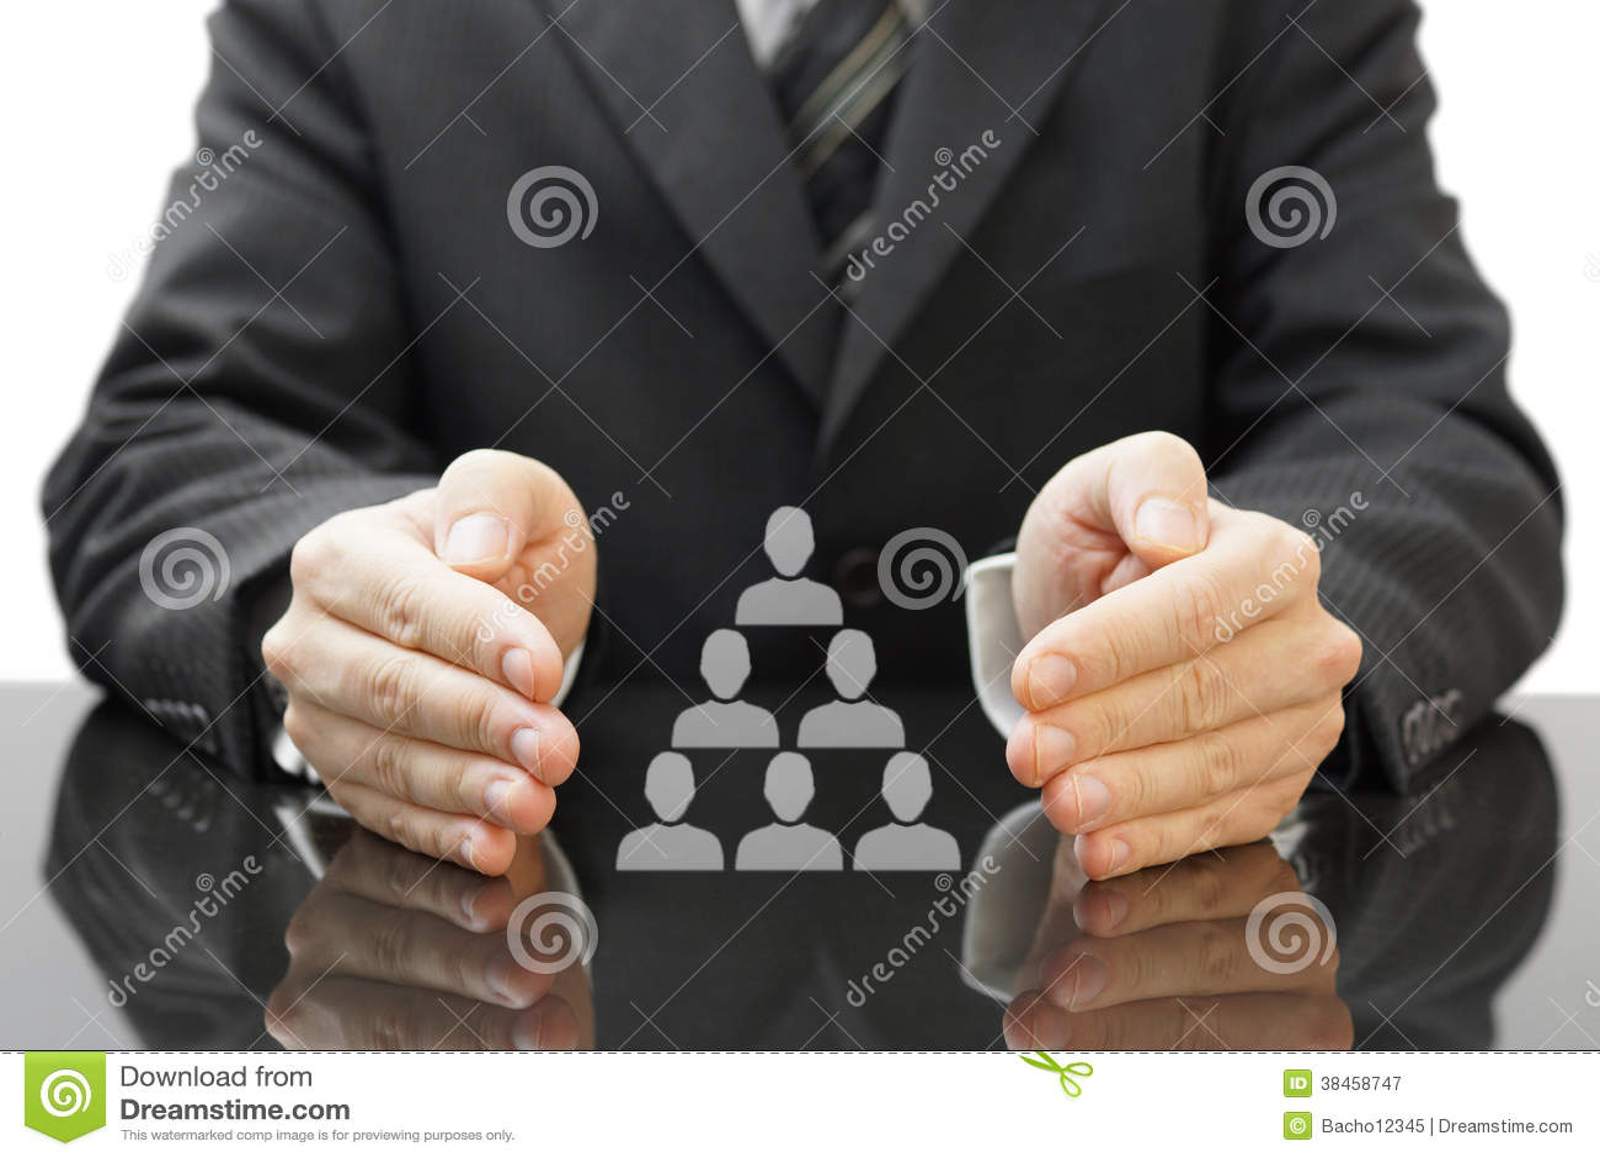 Biznesmena chronienia pracownicy w jego firmie. pojęcie e